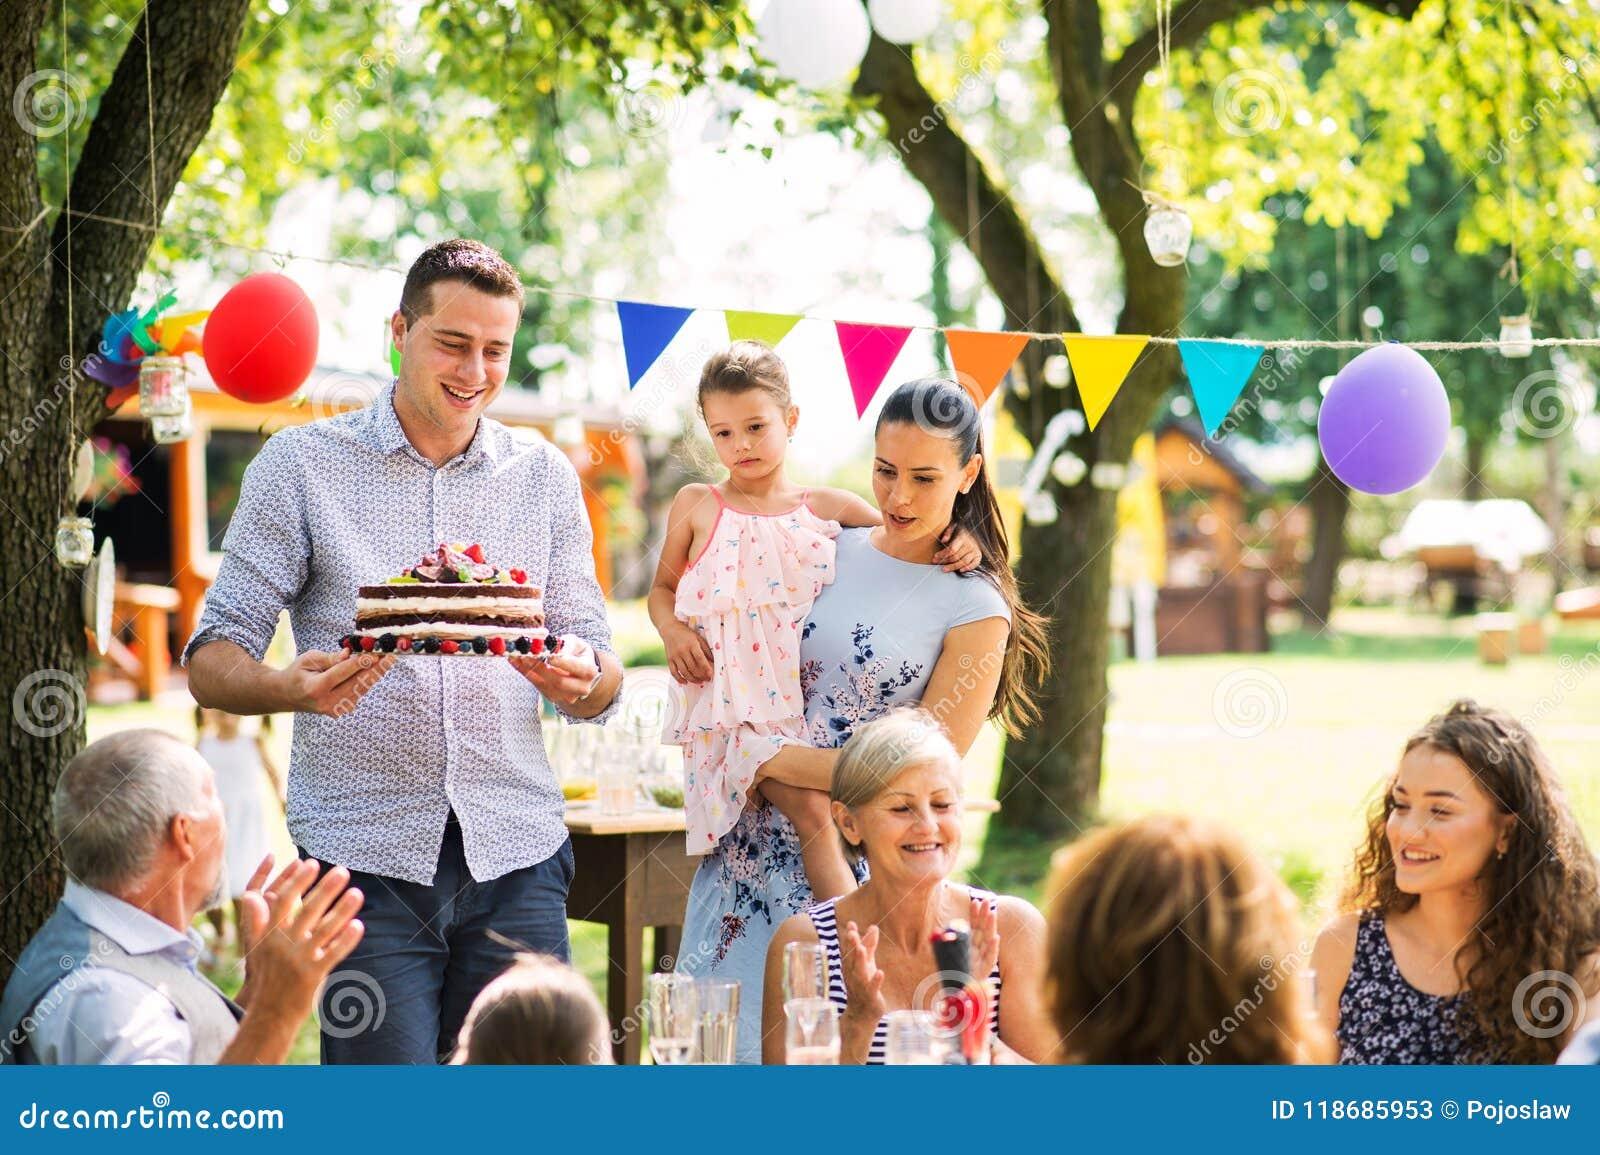 Familieviering of een tuinpartij buiten in de binnenplaats